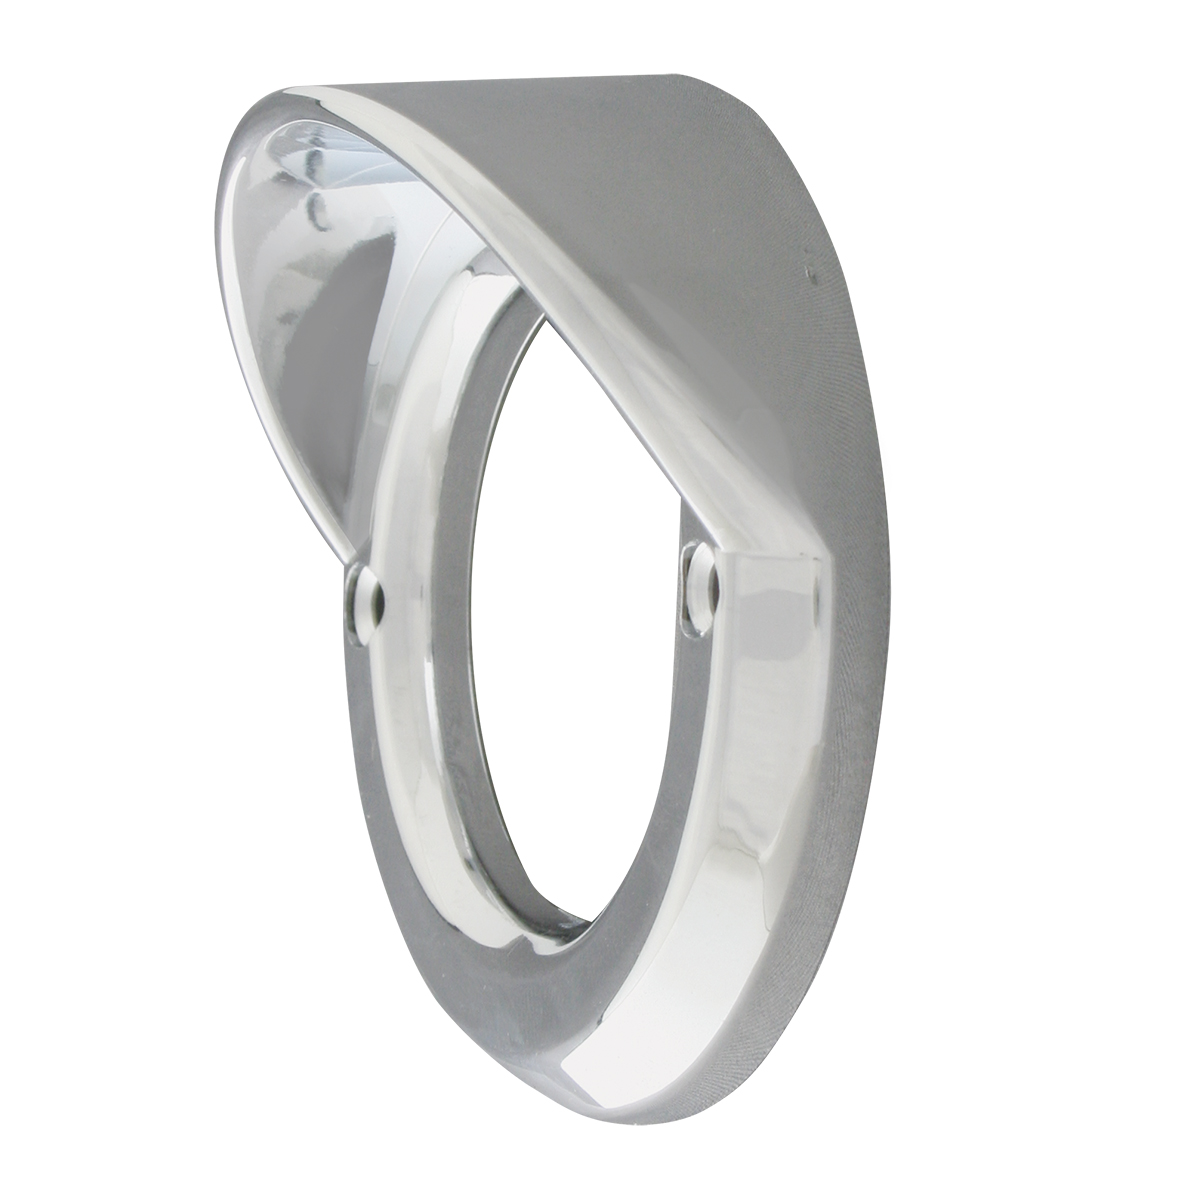 """80716 Chrome Plastic Grommet Cover w/ Visor for 2.5"""" Round Light"""